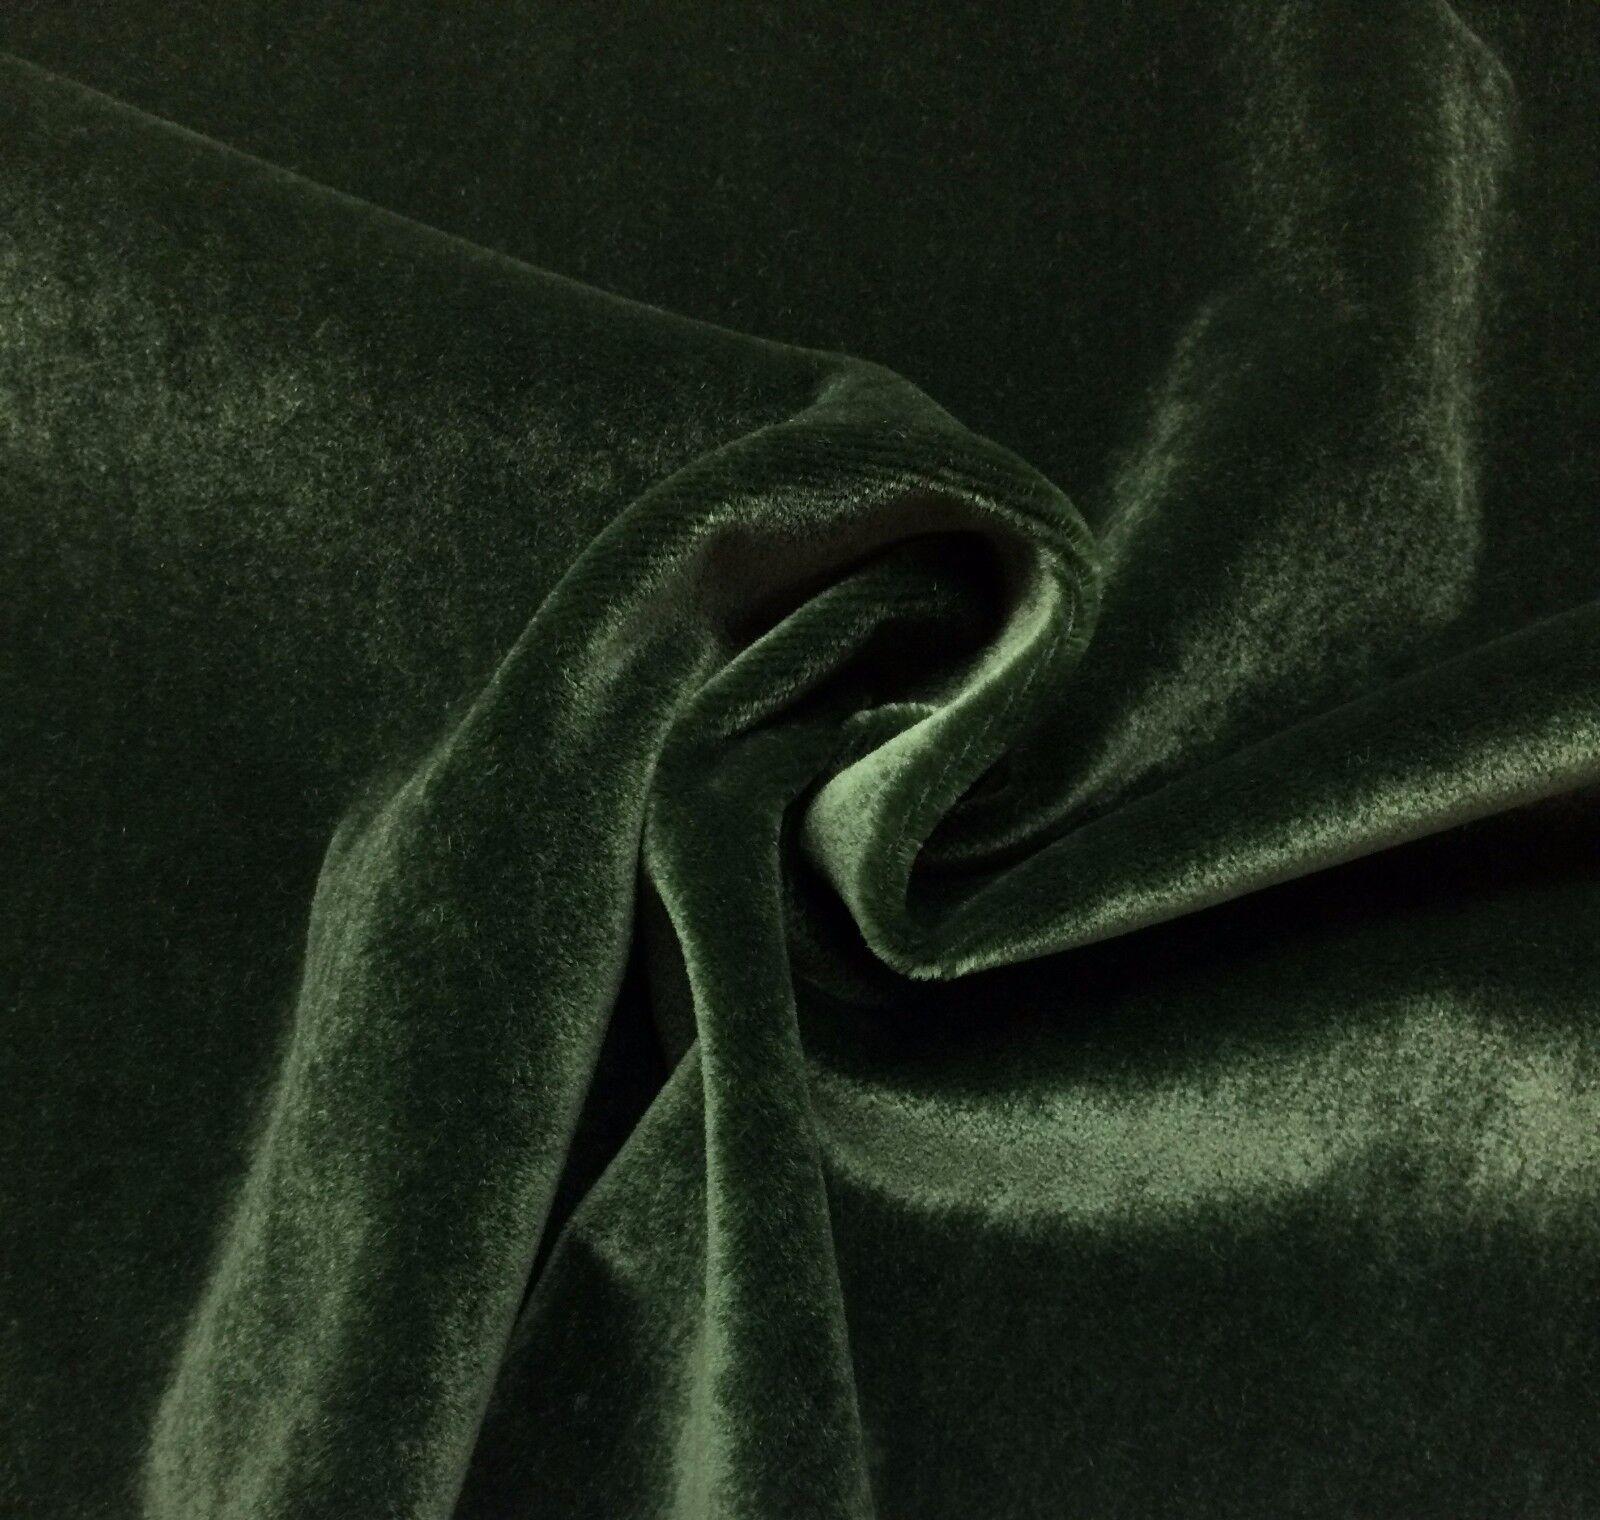 Kravet Plush Mohair Emerald Green Wool Velvet Furniture Drapery Fabric Bty 55 W For Sale Online Ebay